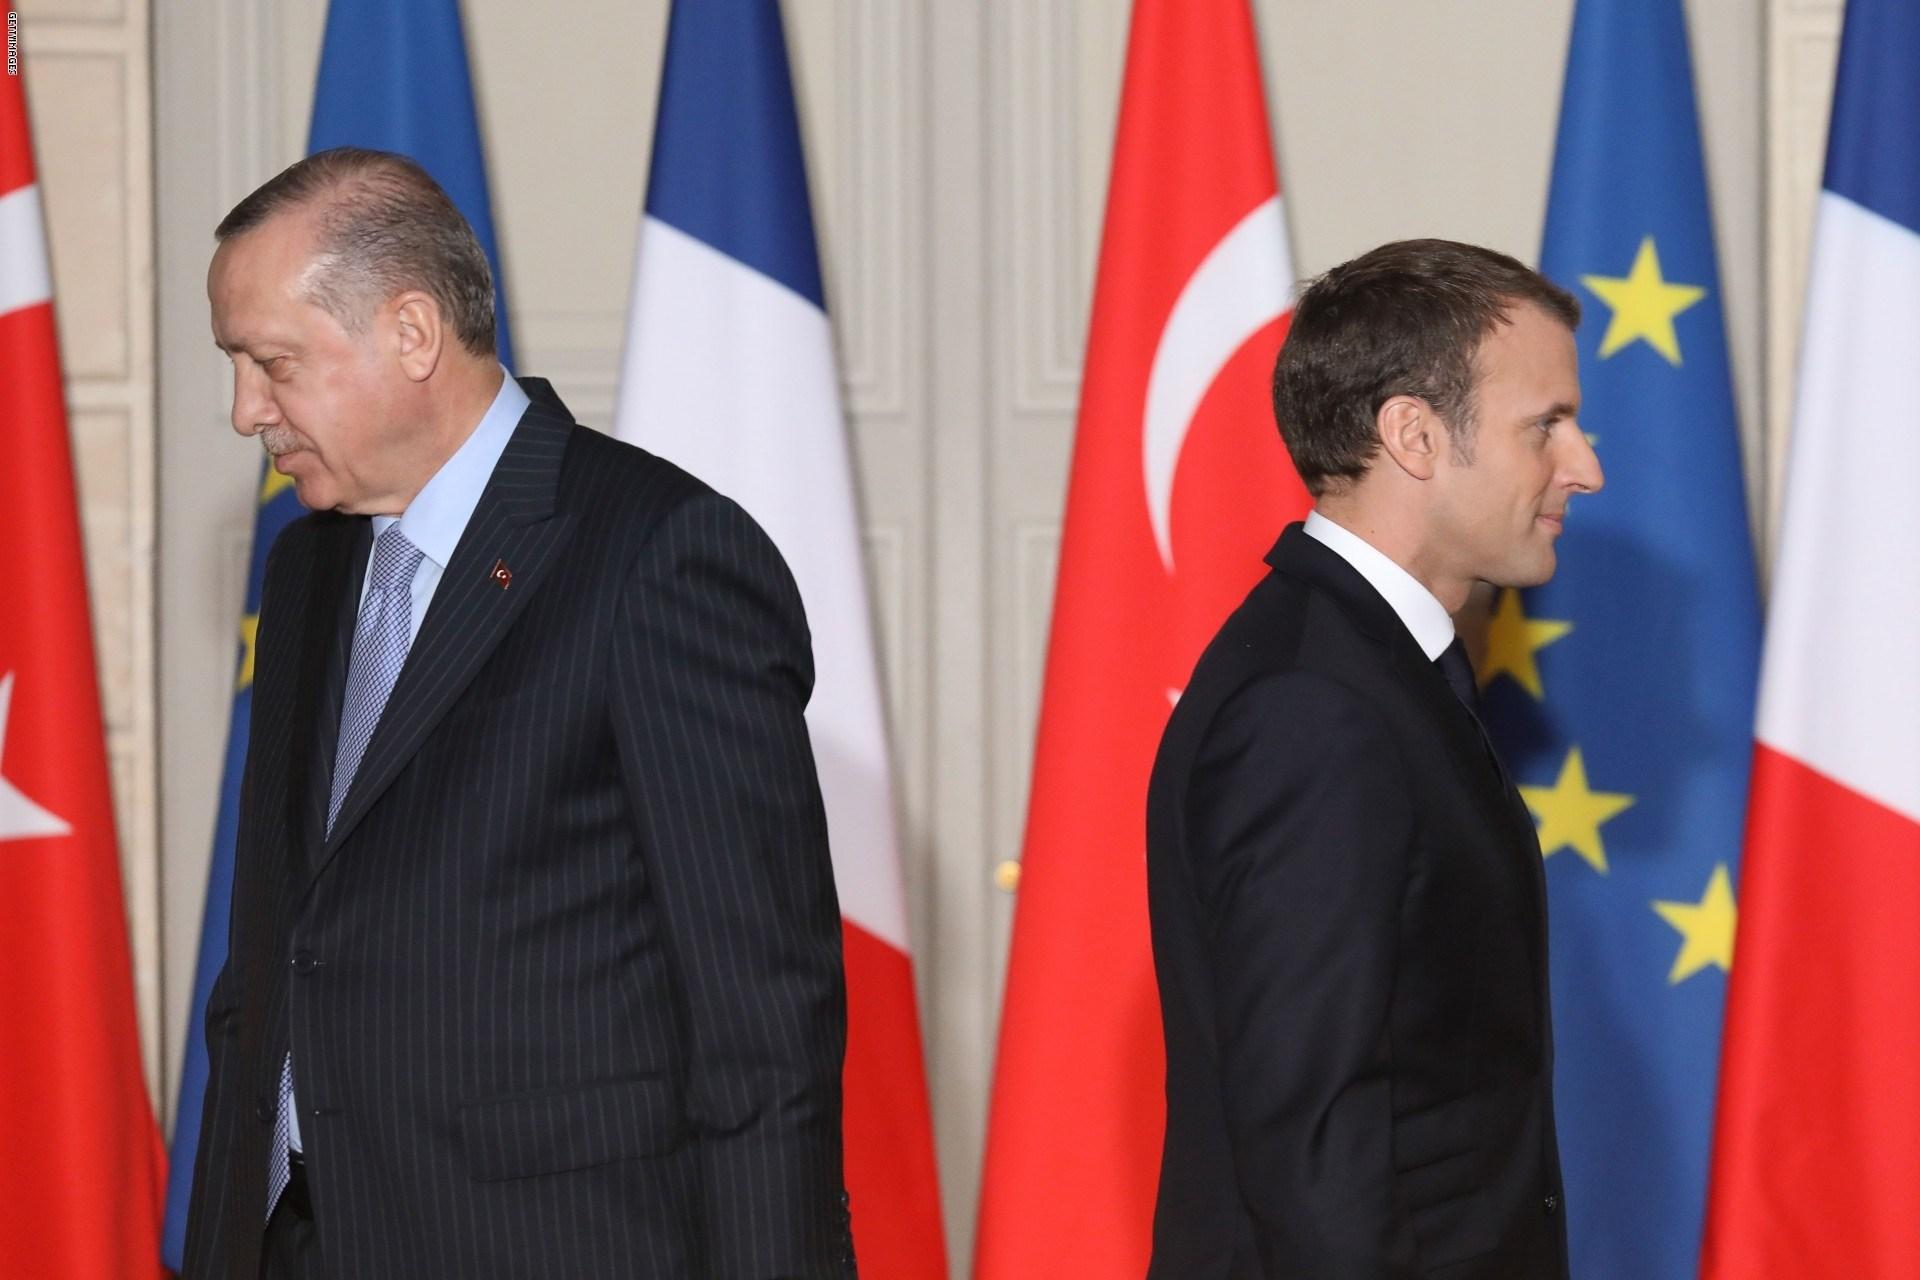 تركيا تهاجم ماكرون وتضع شرطاً لفرنسا في ليبيا